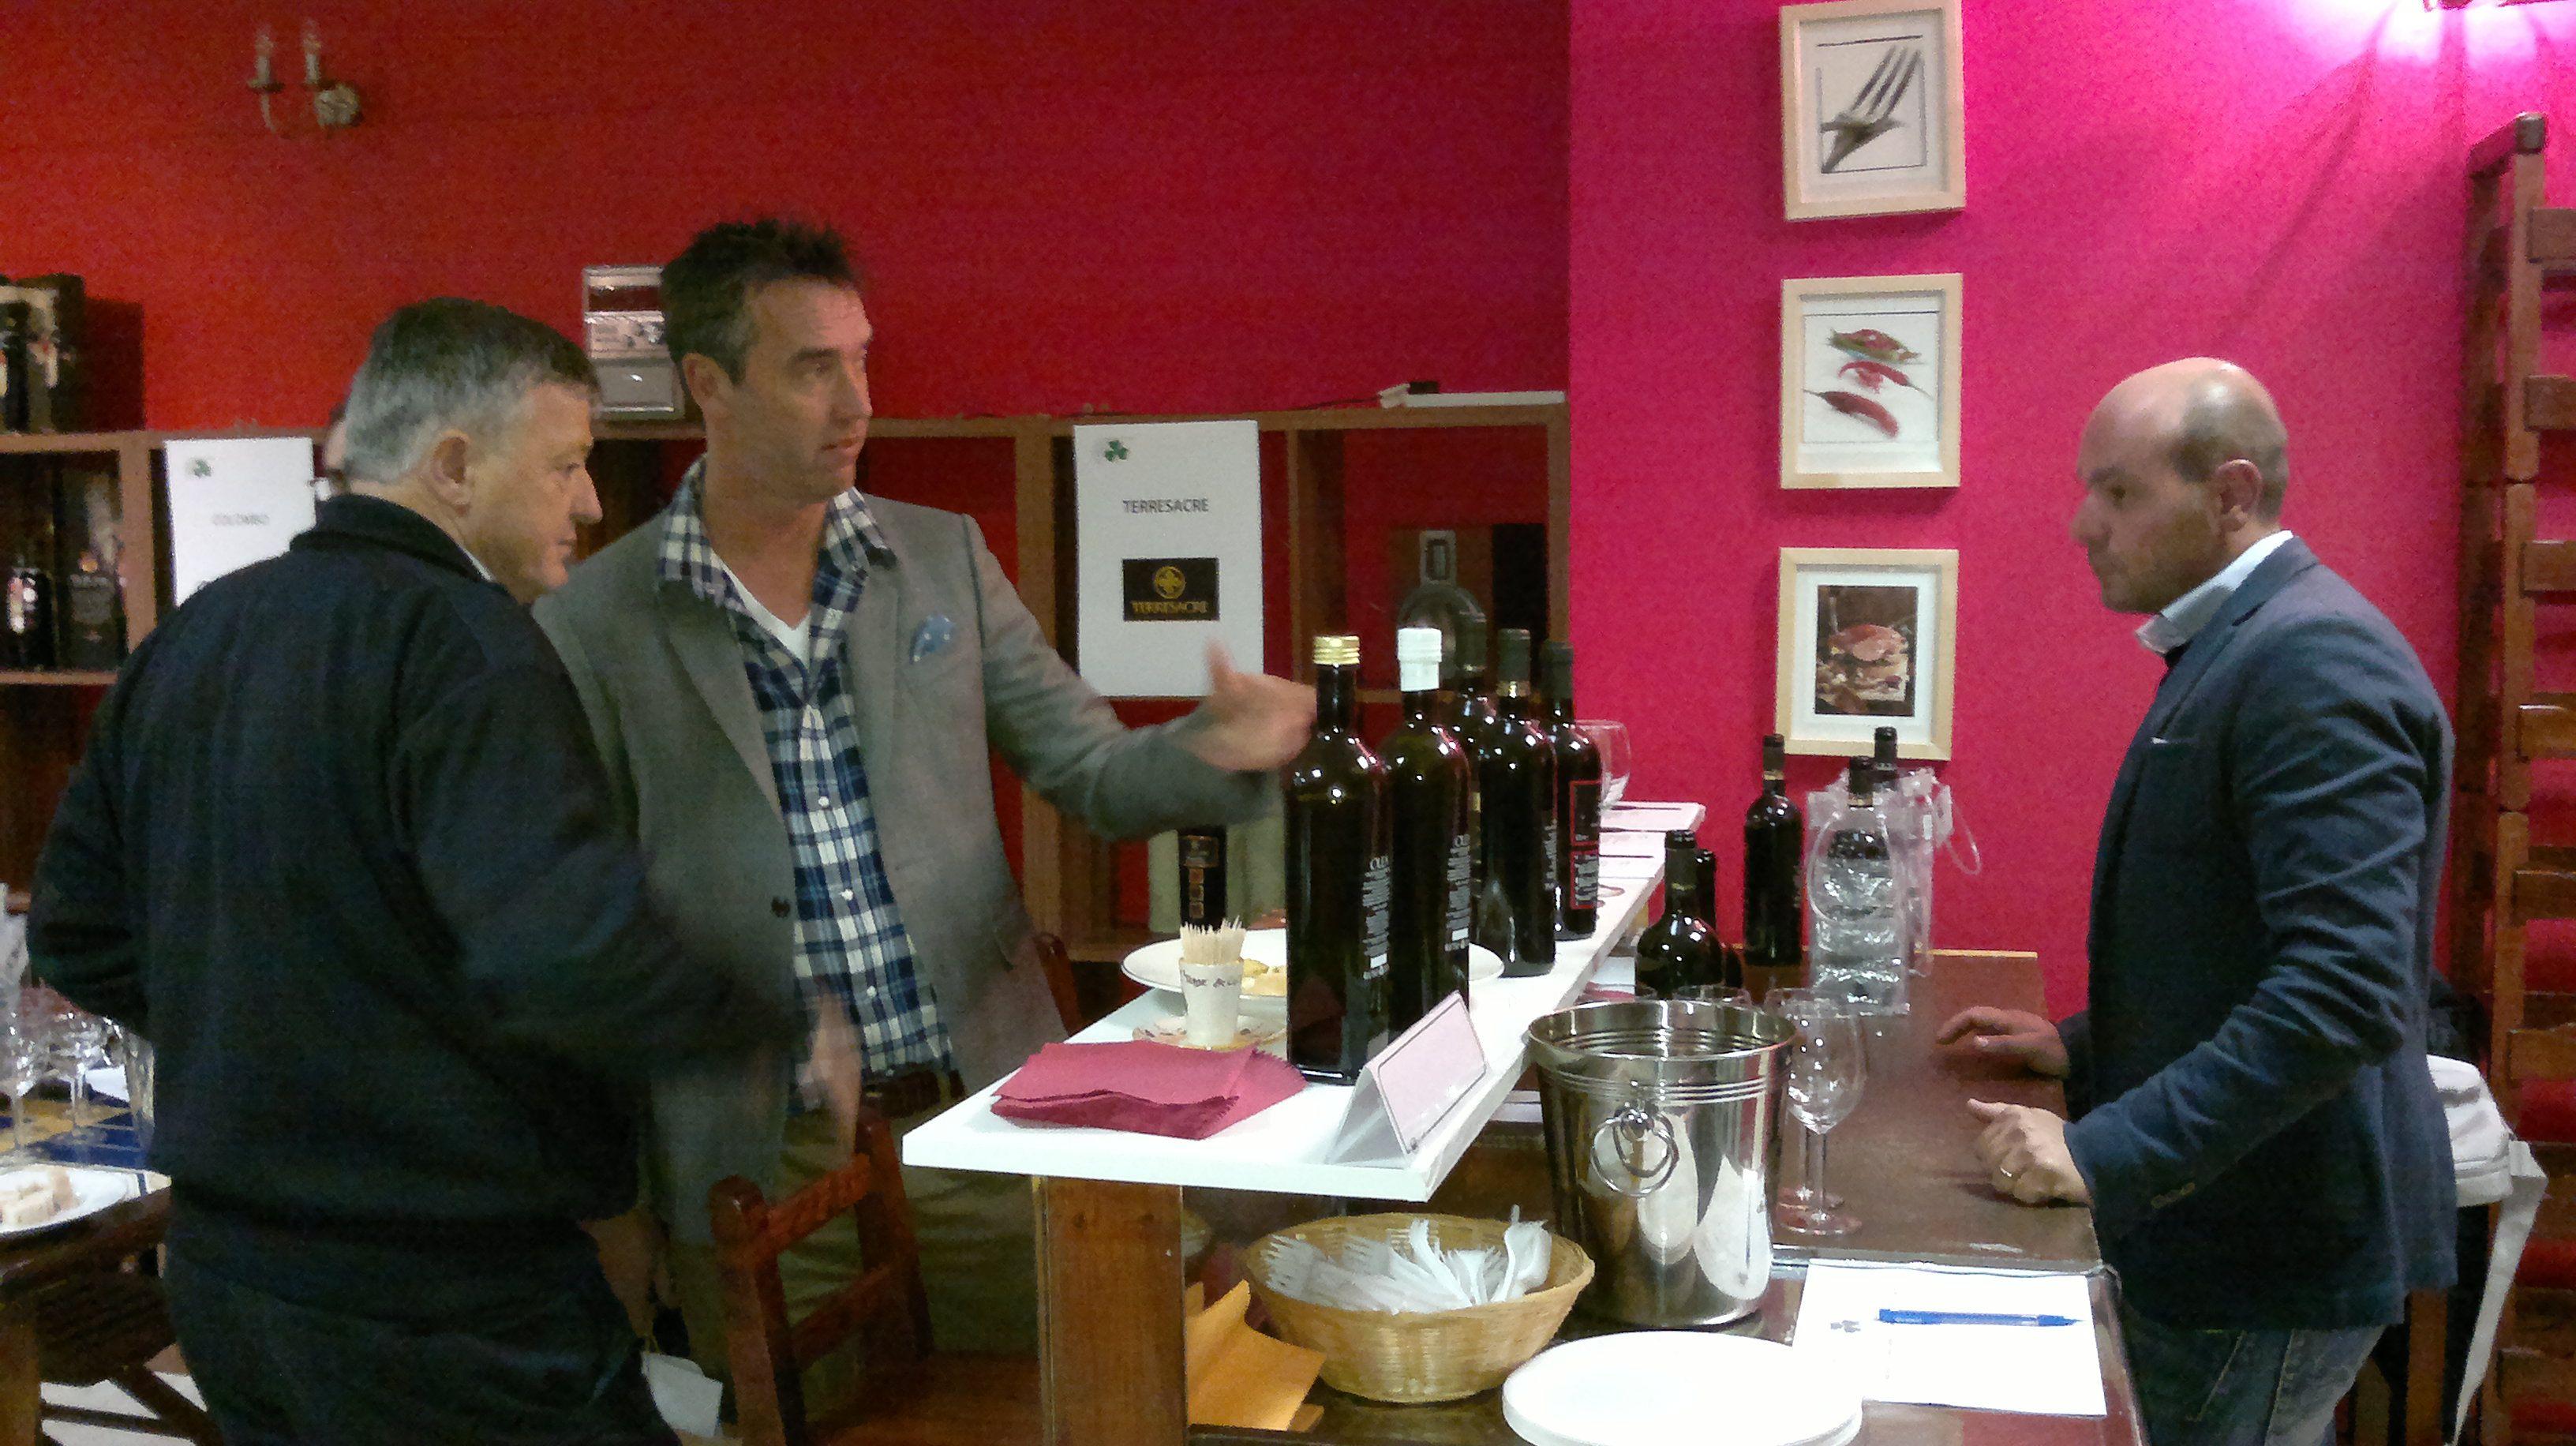 Il vino è uno dei grandi protagonisti dei nostri incontri con Irish wine importers